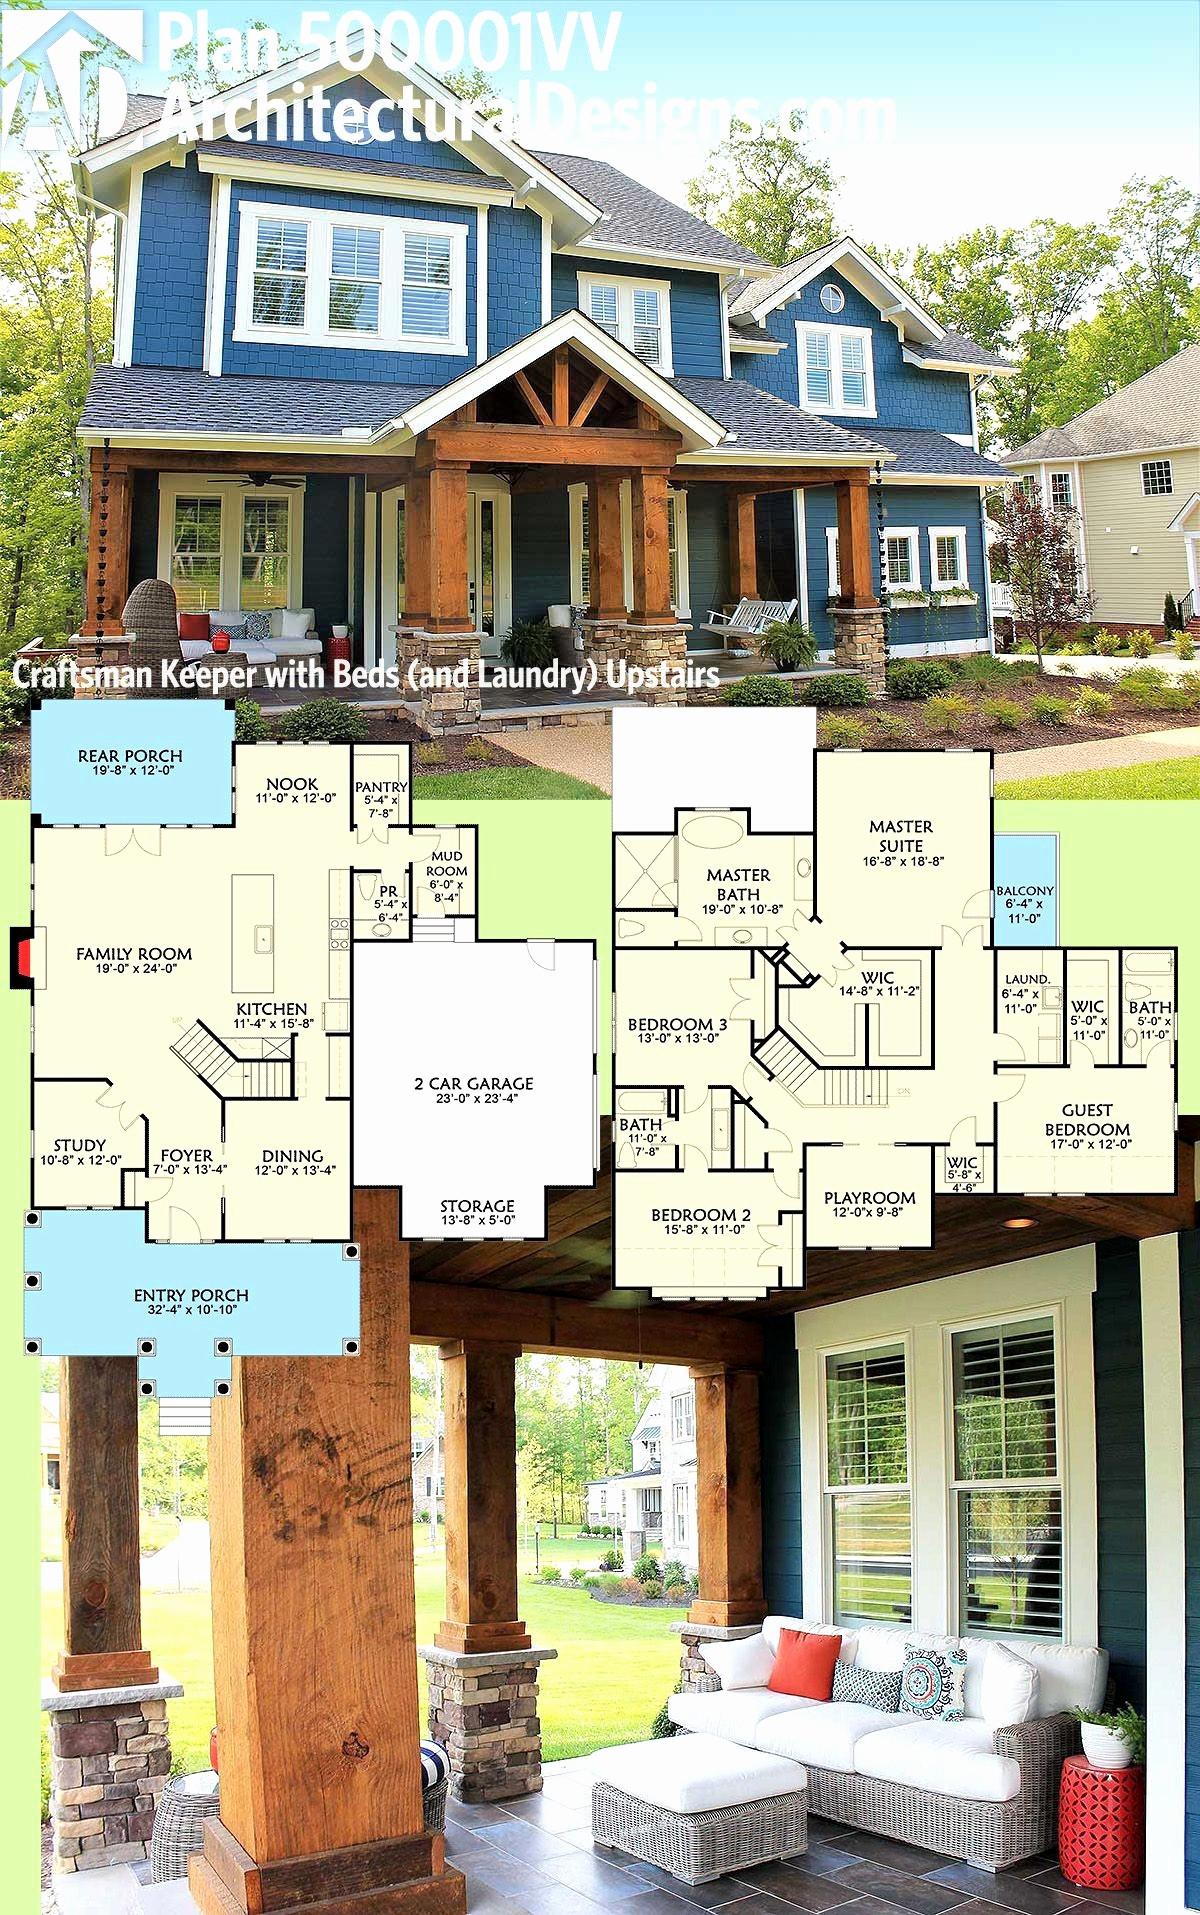 plan de meuble en bois gratuit pdf plan de fabrication de meuble gratuit plan de garage gratuit of plan de meuble en bois gratuit pdf